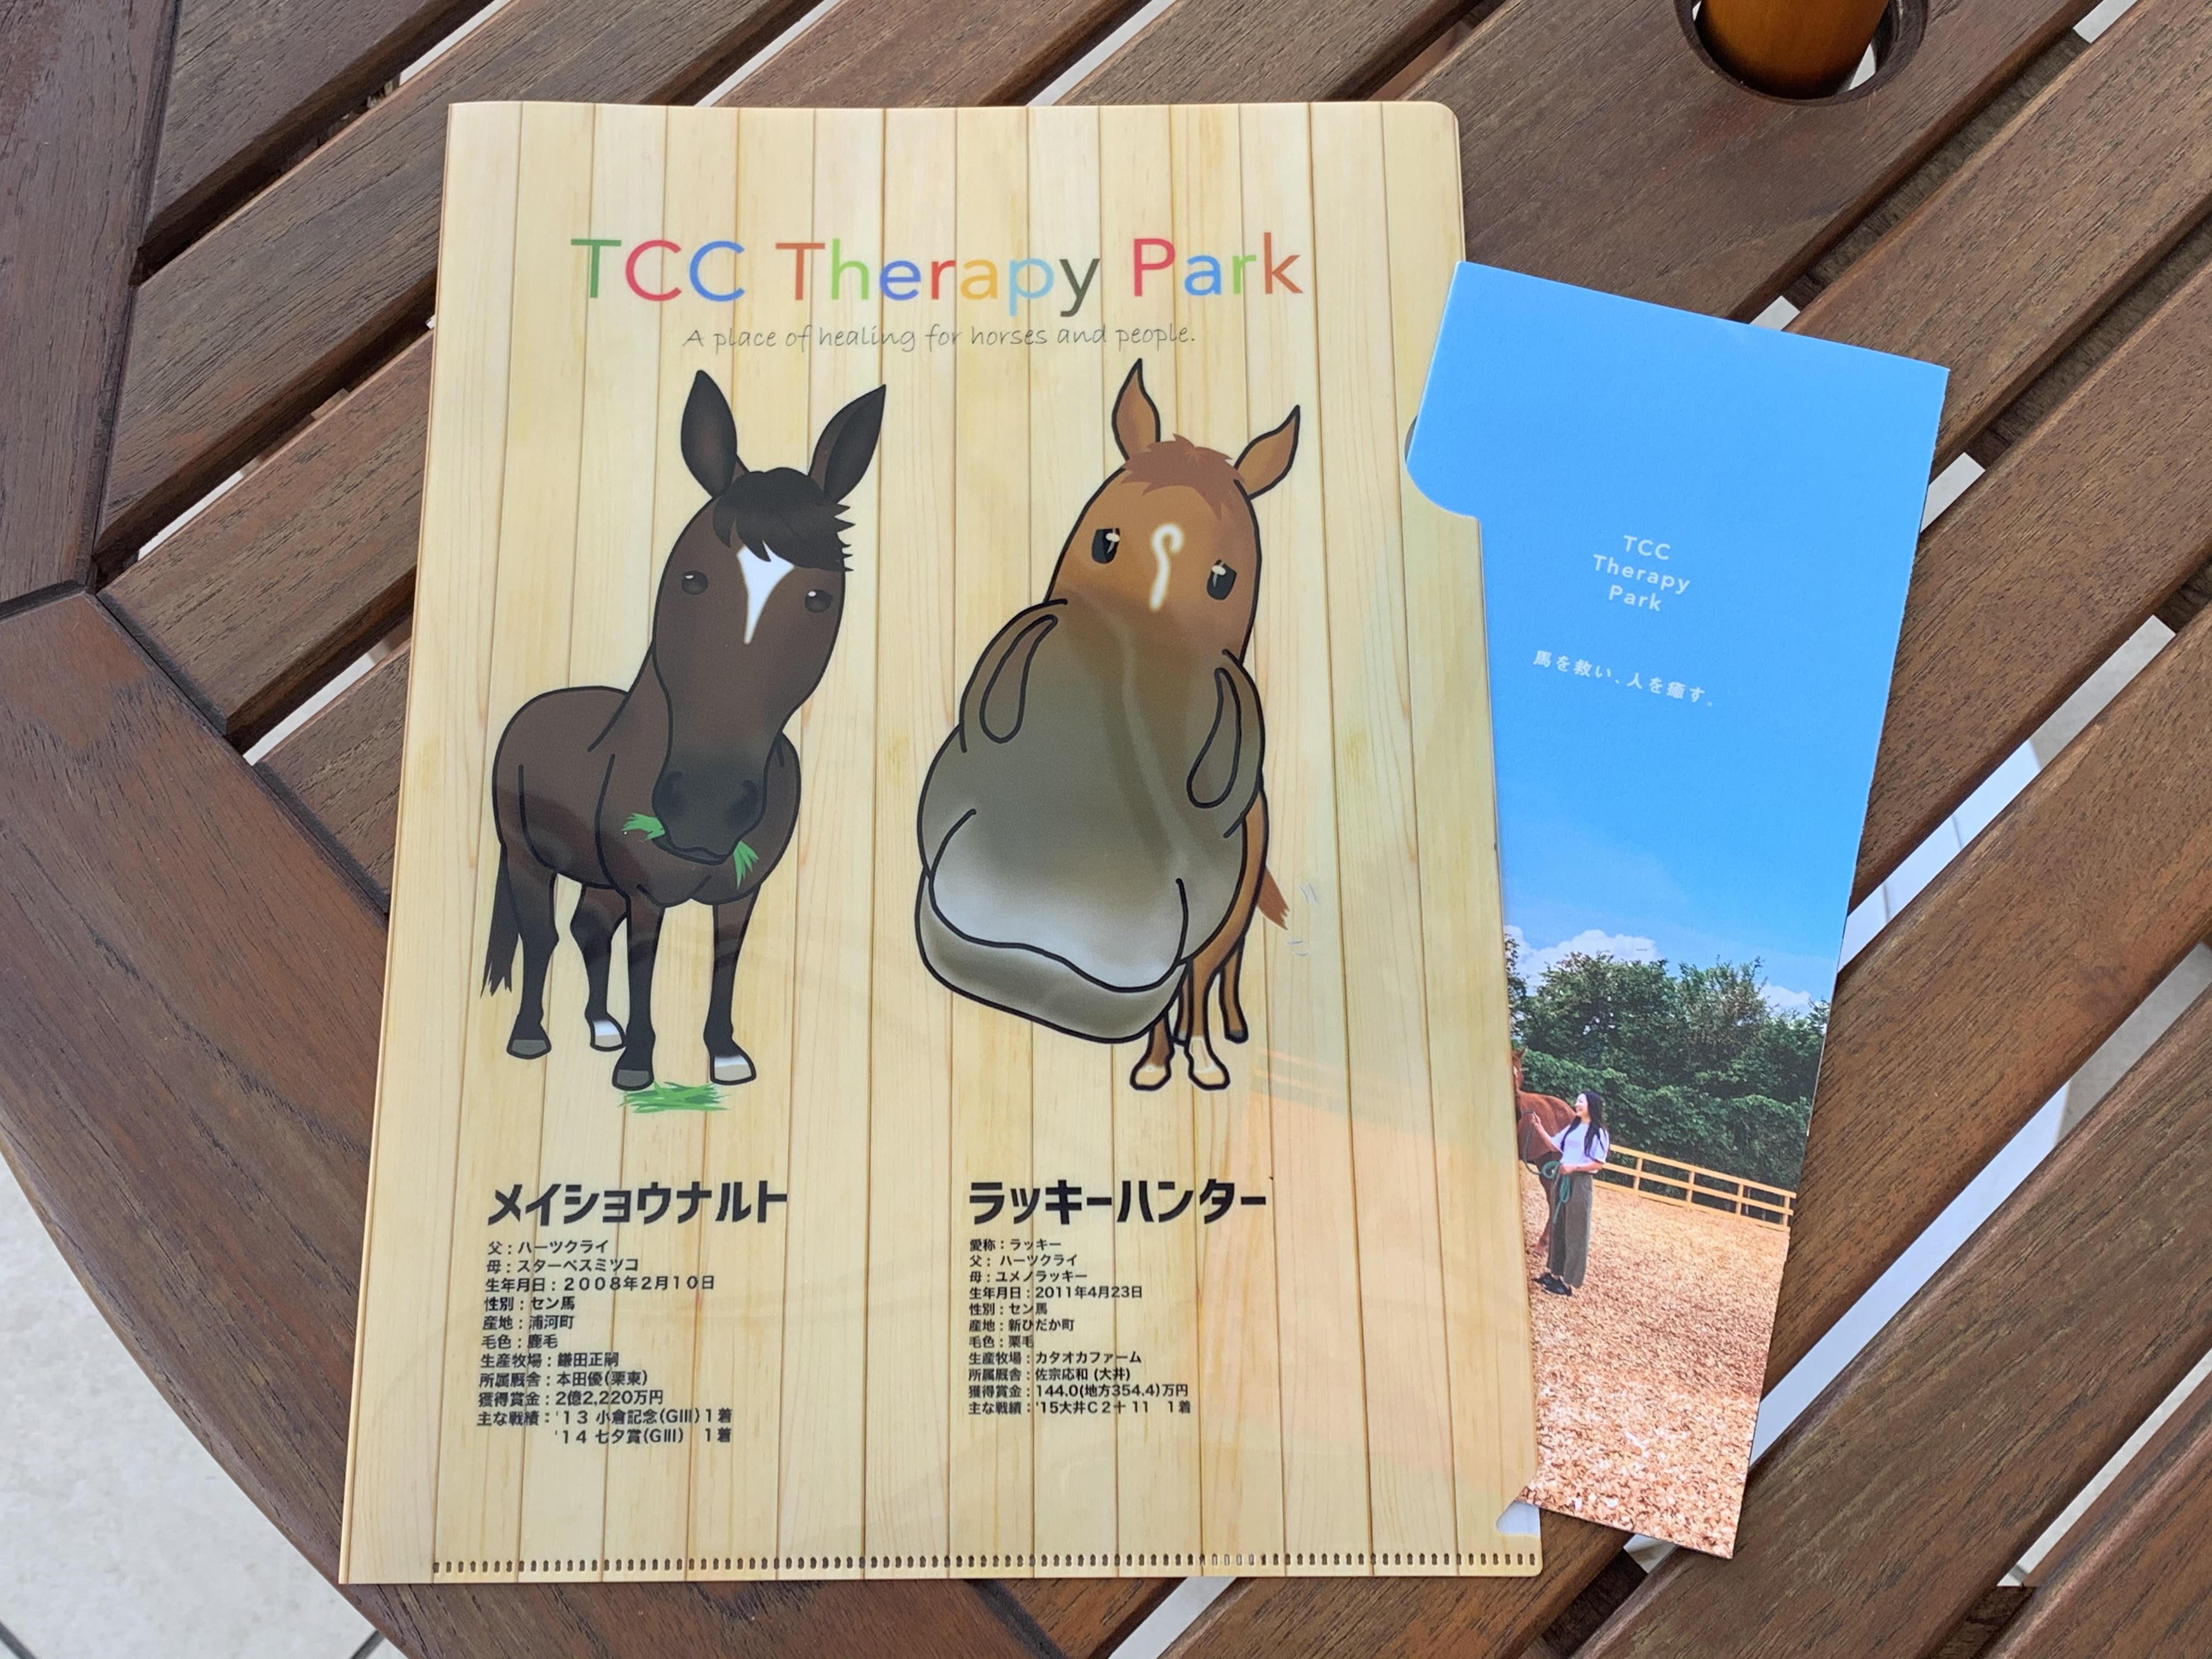 クリアファイル【TCC Therapy Park】ラッキー&ナルト